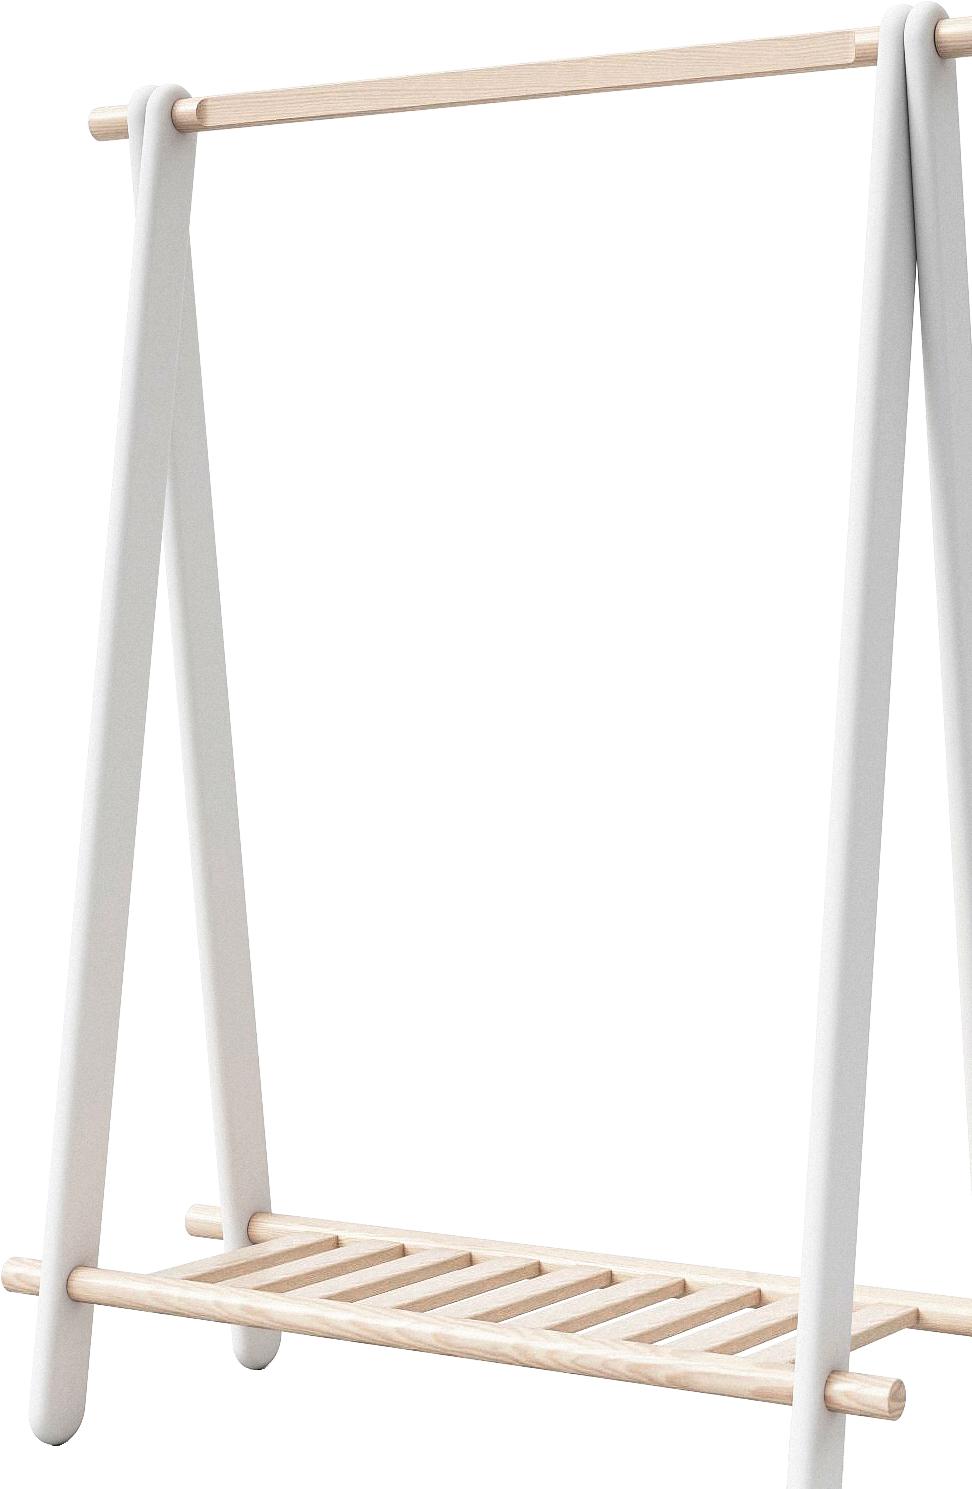 Сложные фаски и плавная геометрия форм